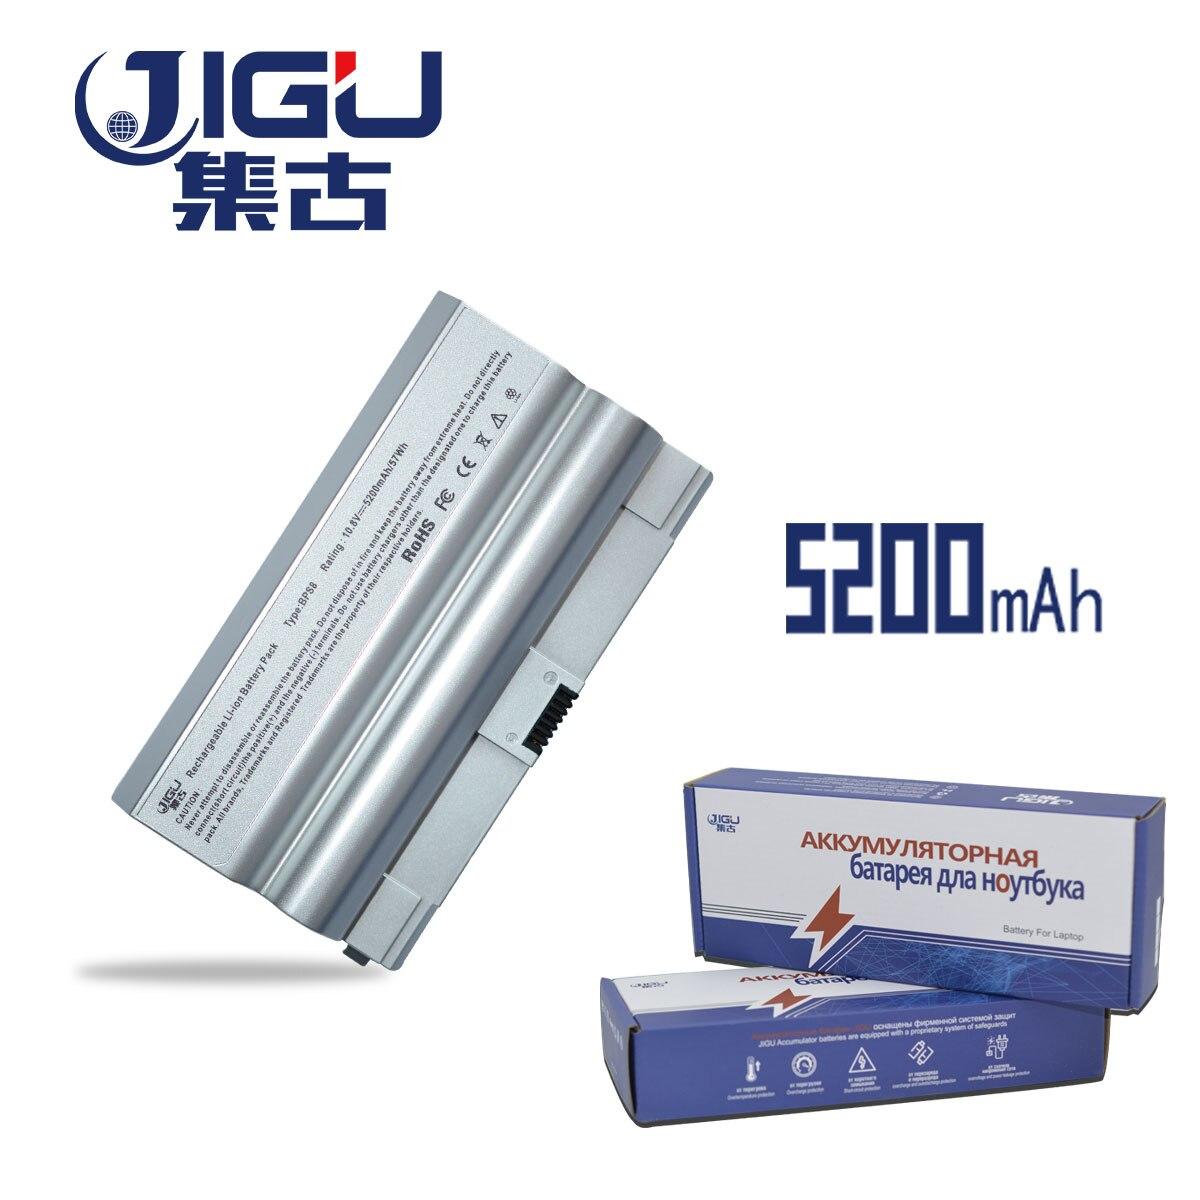 JIGU بطارية كمبيوتر محمول VGP-BPL8 VGP-BPL8A VGP-BPS8 VGP-BPS8A VGP-BPS8B لسوني PCG-39A VGC-LB15 VGN-FZ11E VGN-FZ130E